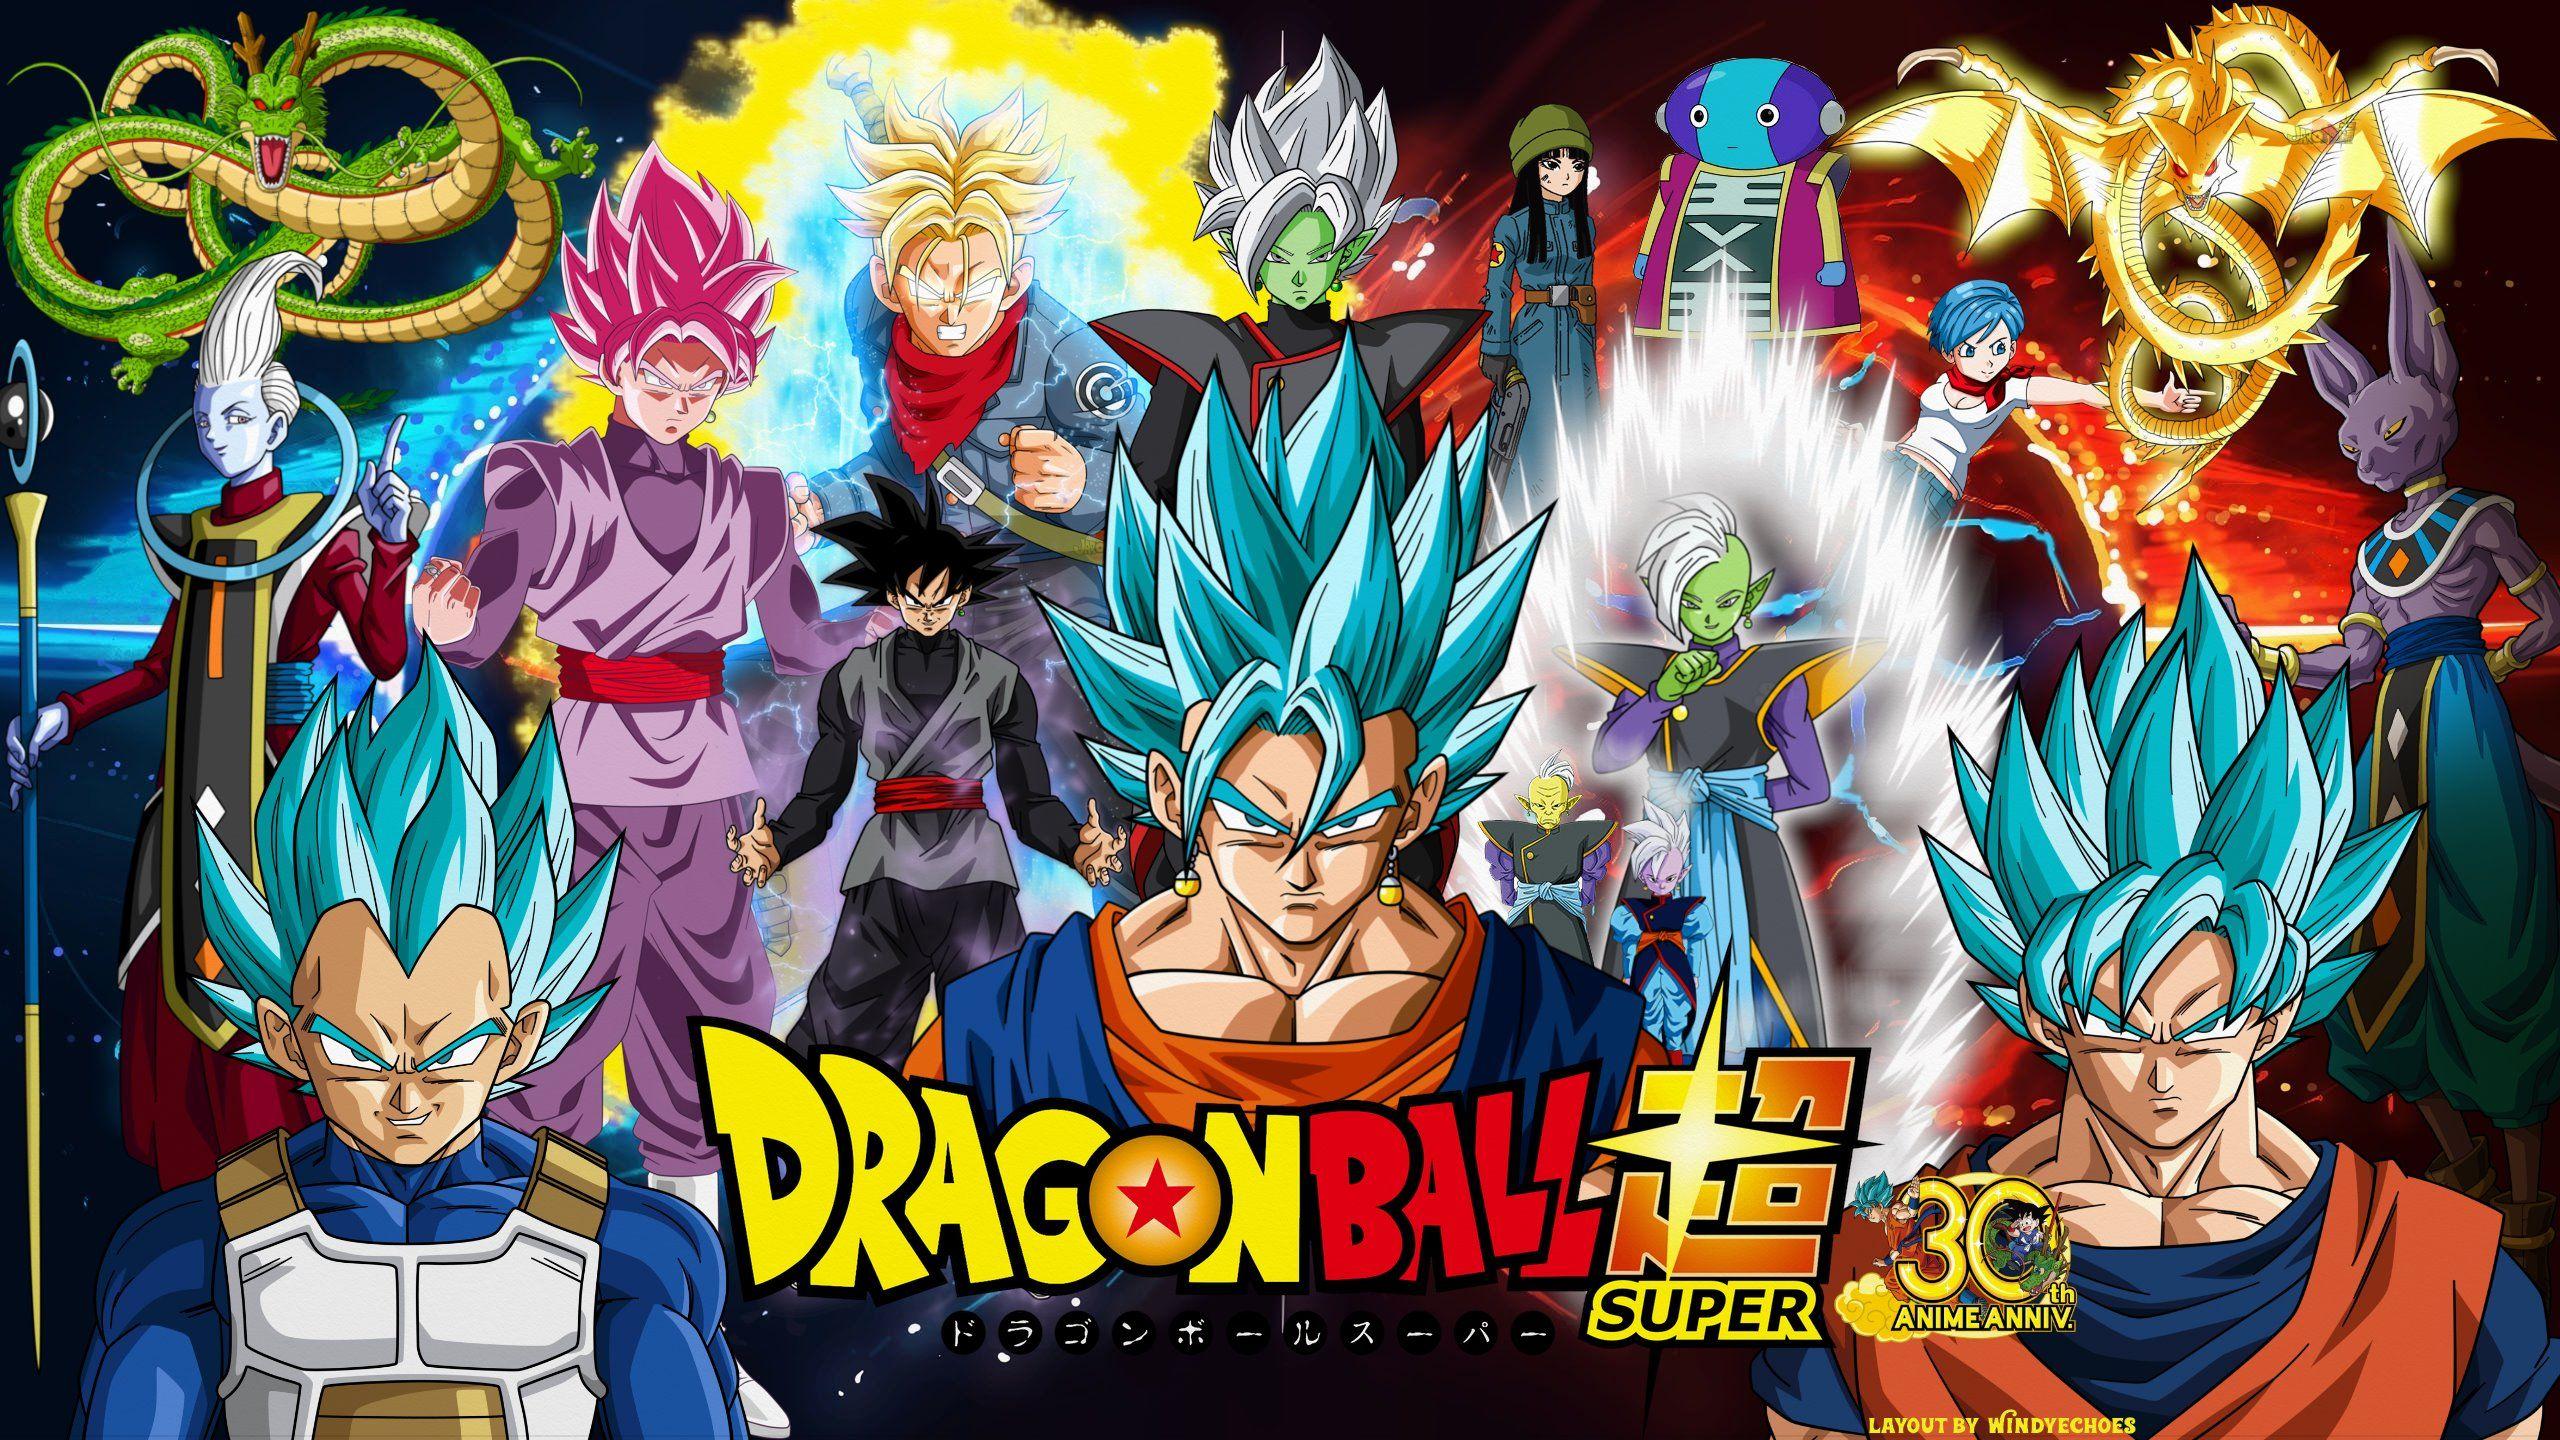 Dragon Ball Super HD Wallpaper | HD Wallpapers | Pinterest ...